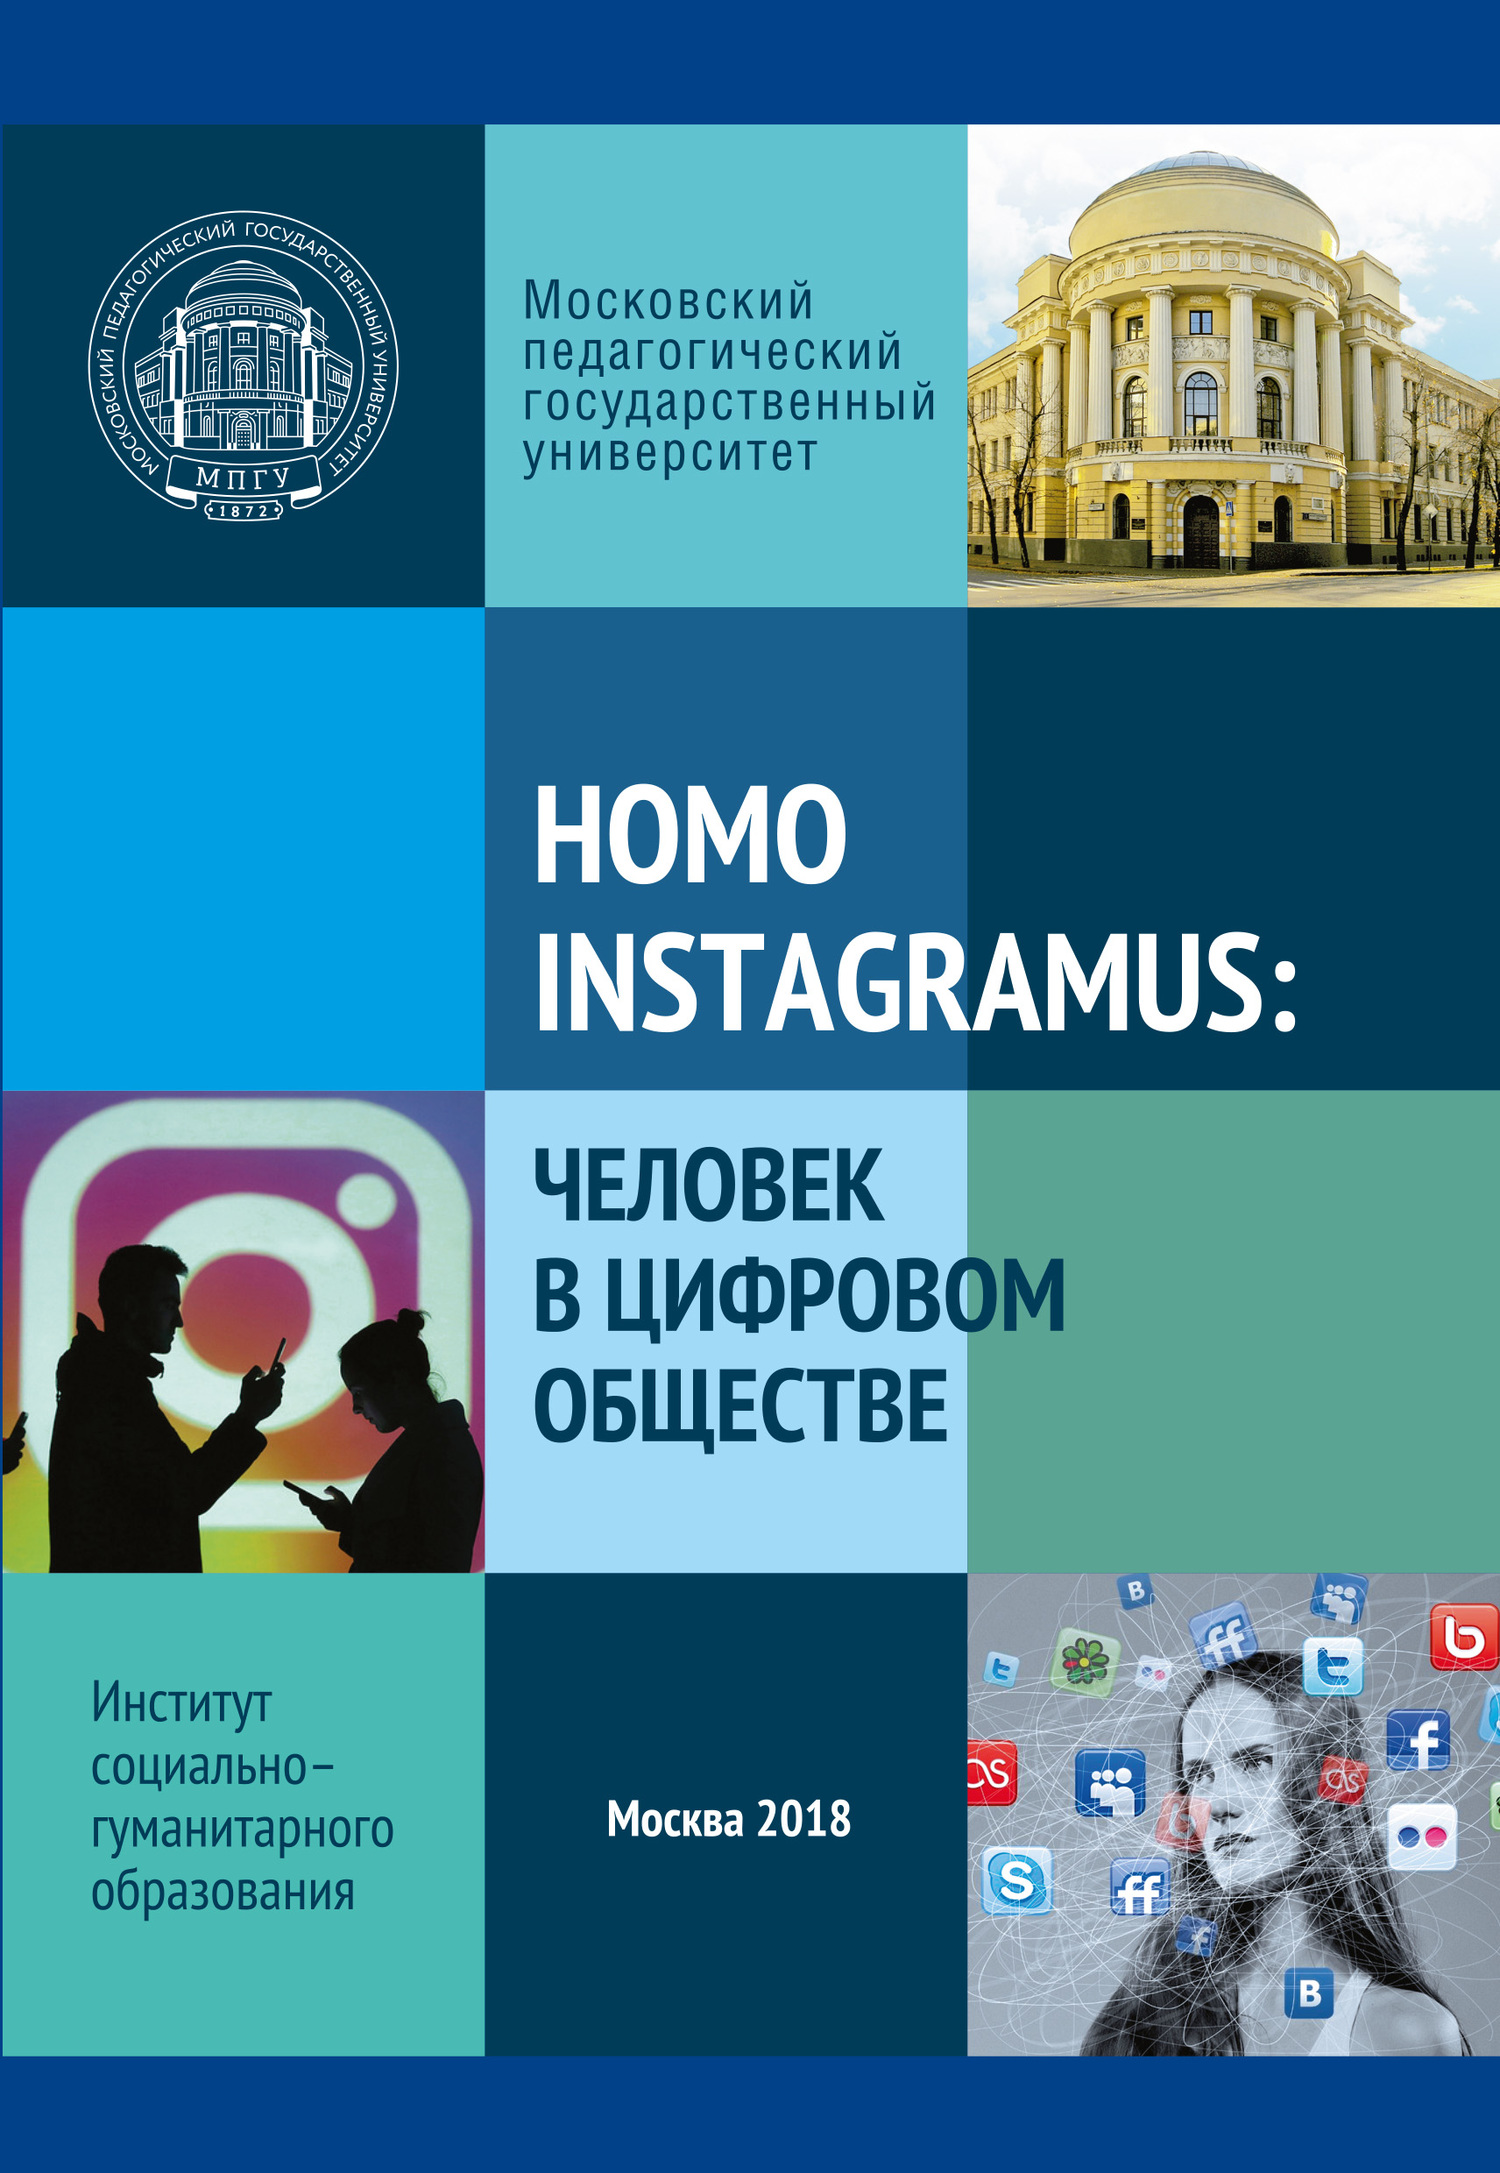 Homo instagramus: человек в цифровом обществе. Материалы межвузовской студенческой научно-практической конференции